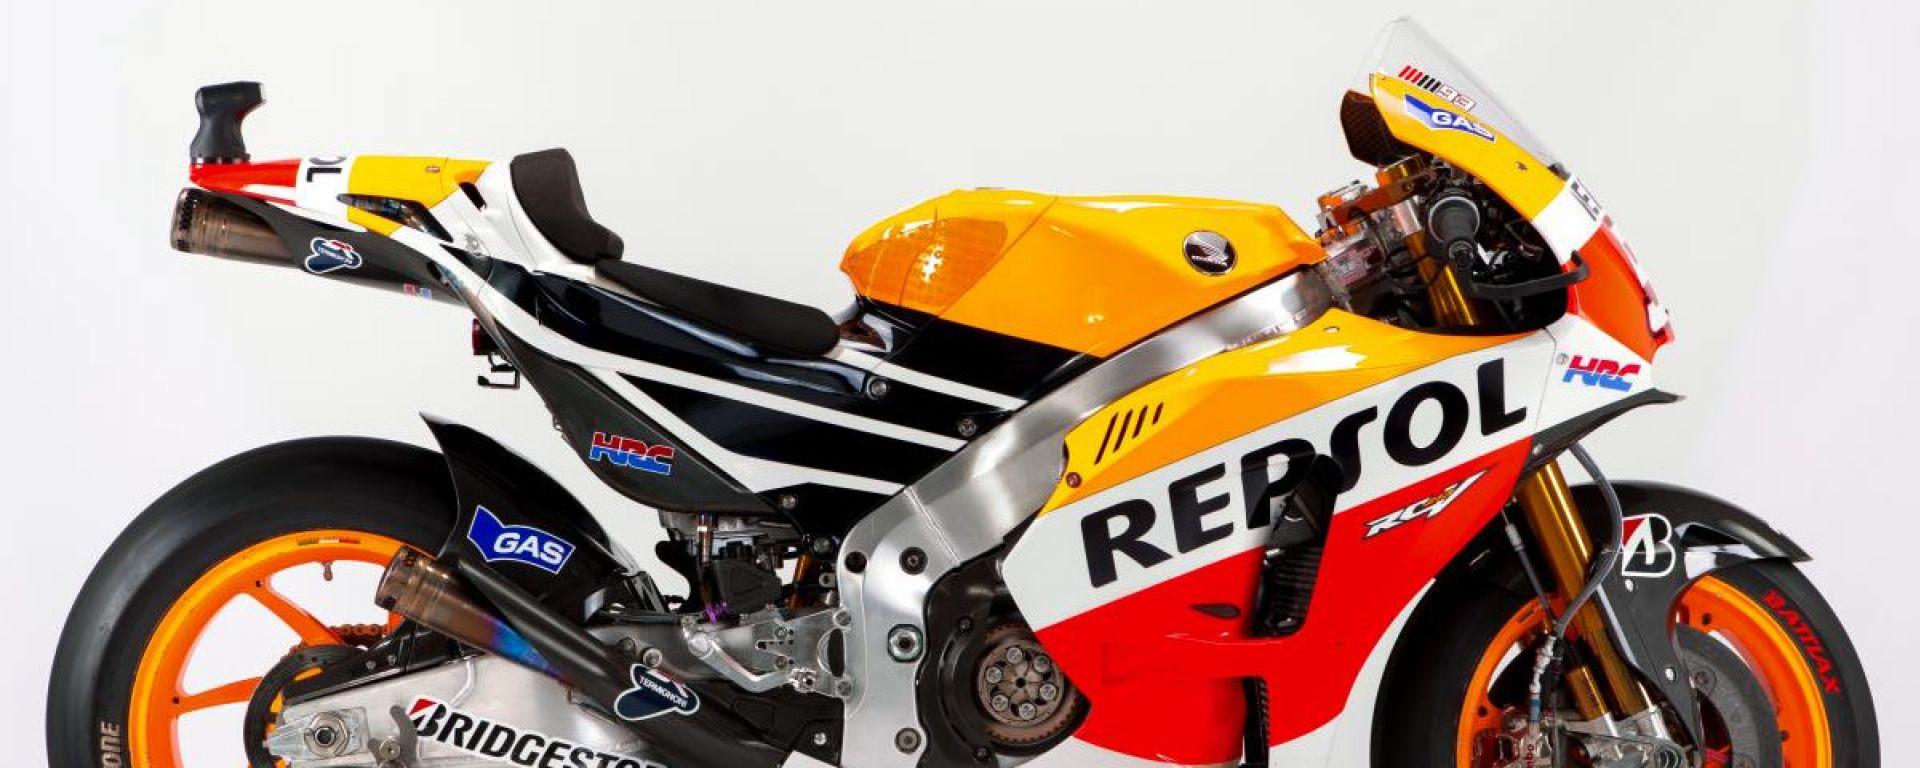 MotoGP Honda Team Repsol 2020